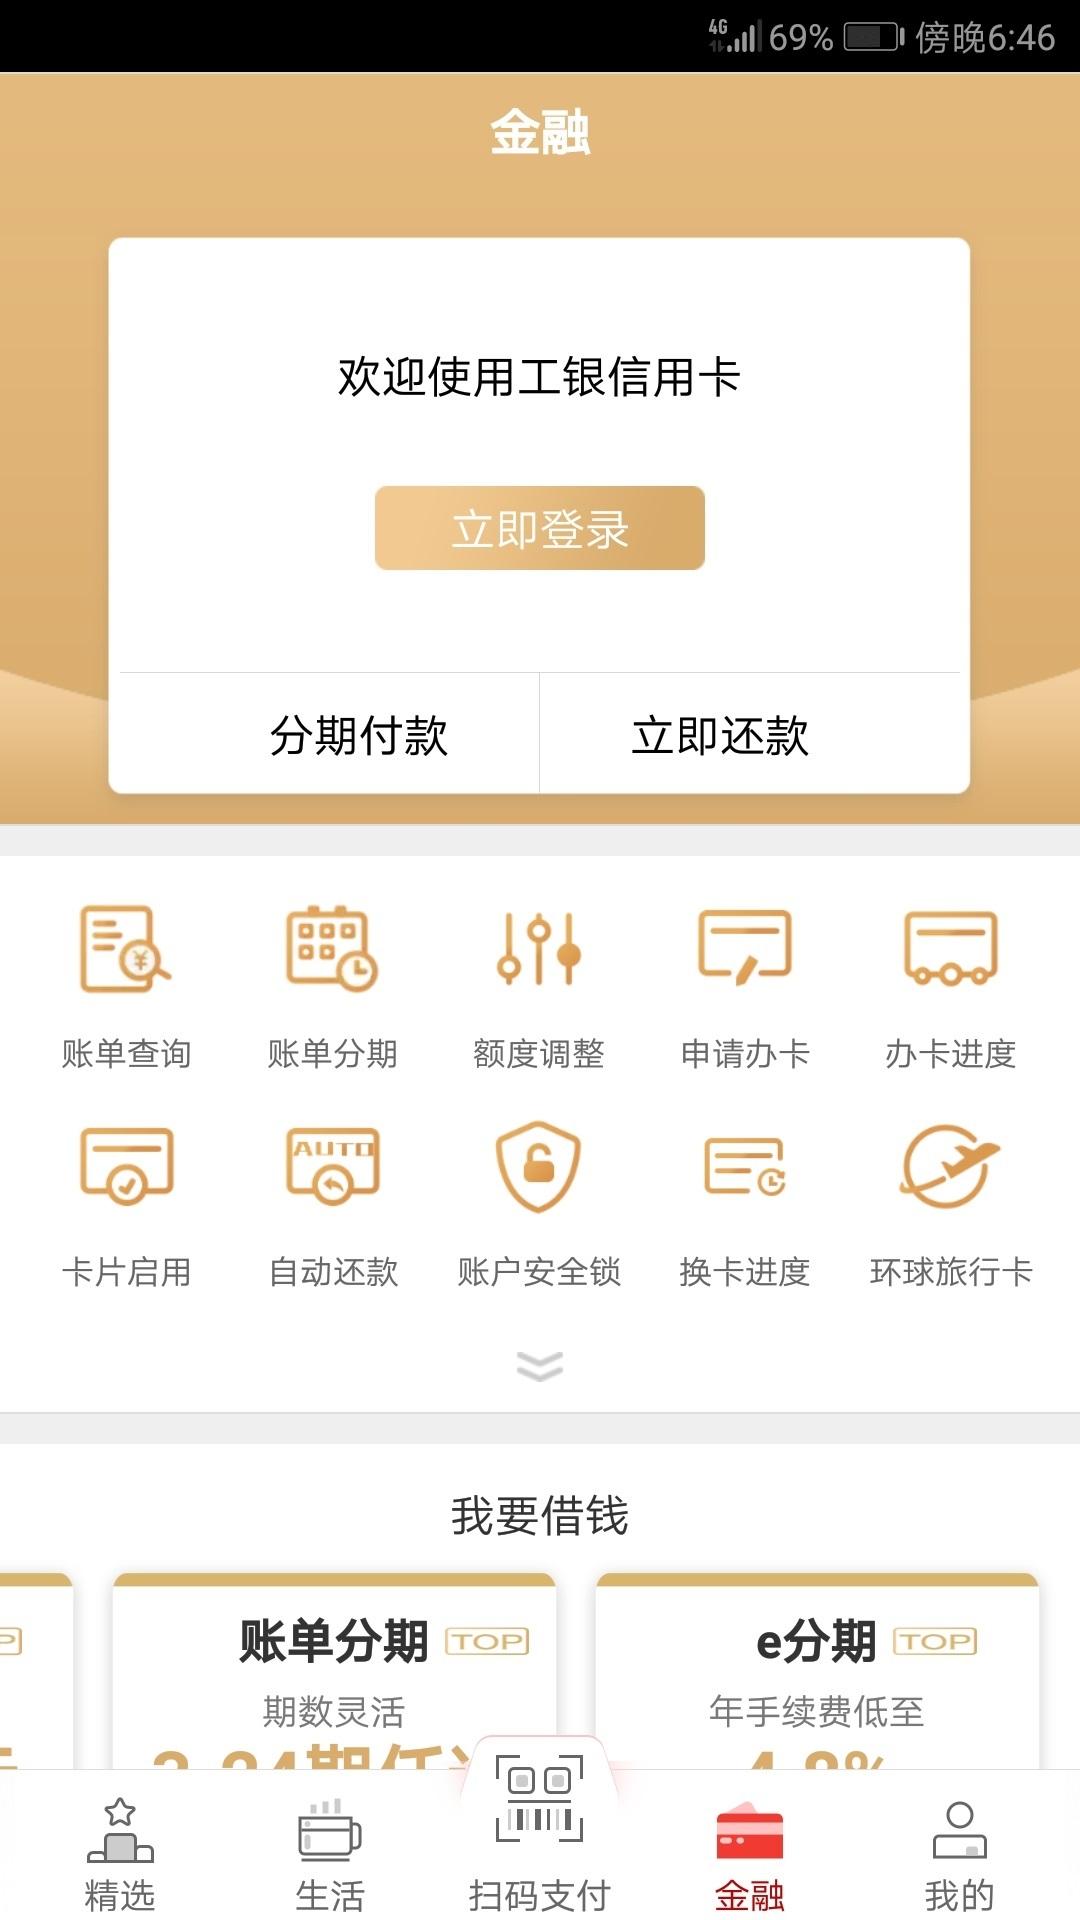 工银e生活app官方版截图0